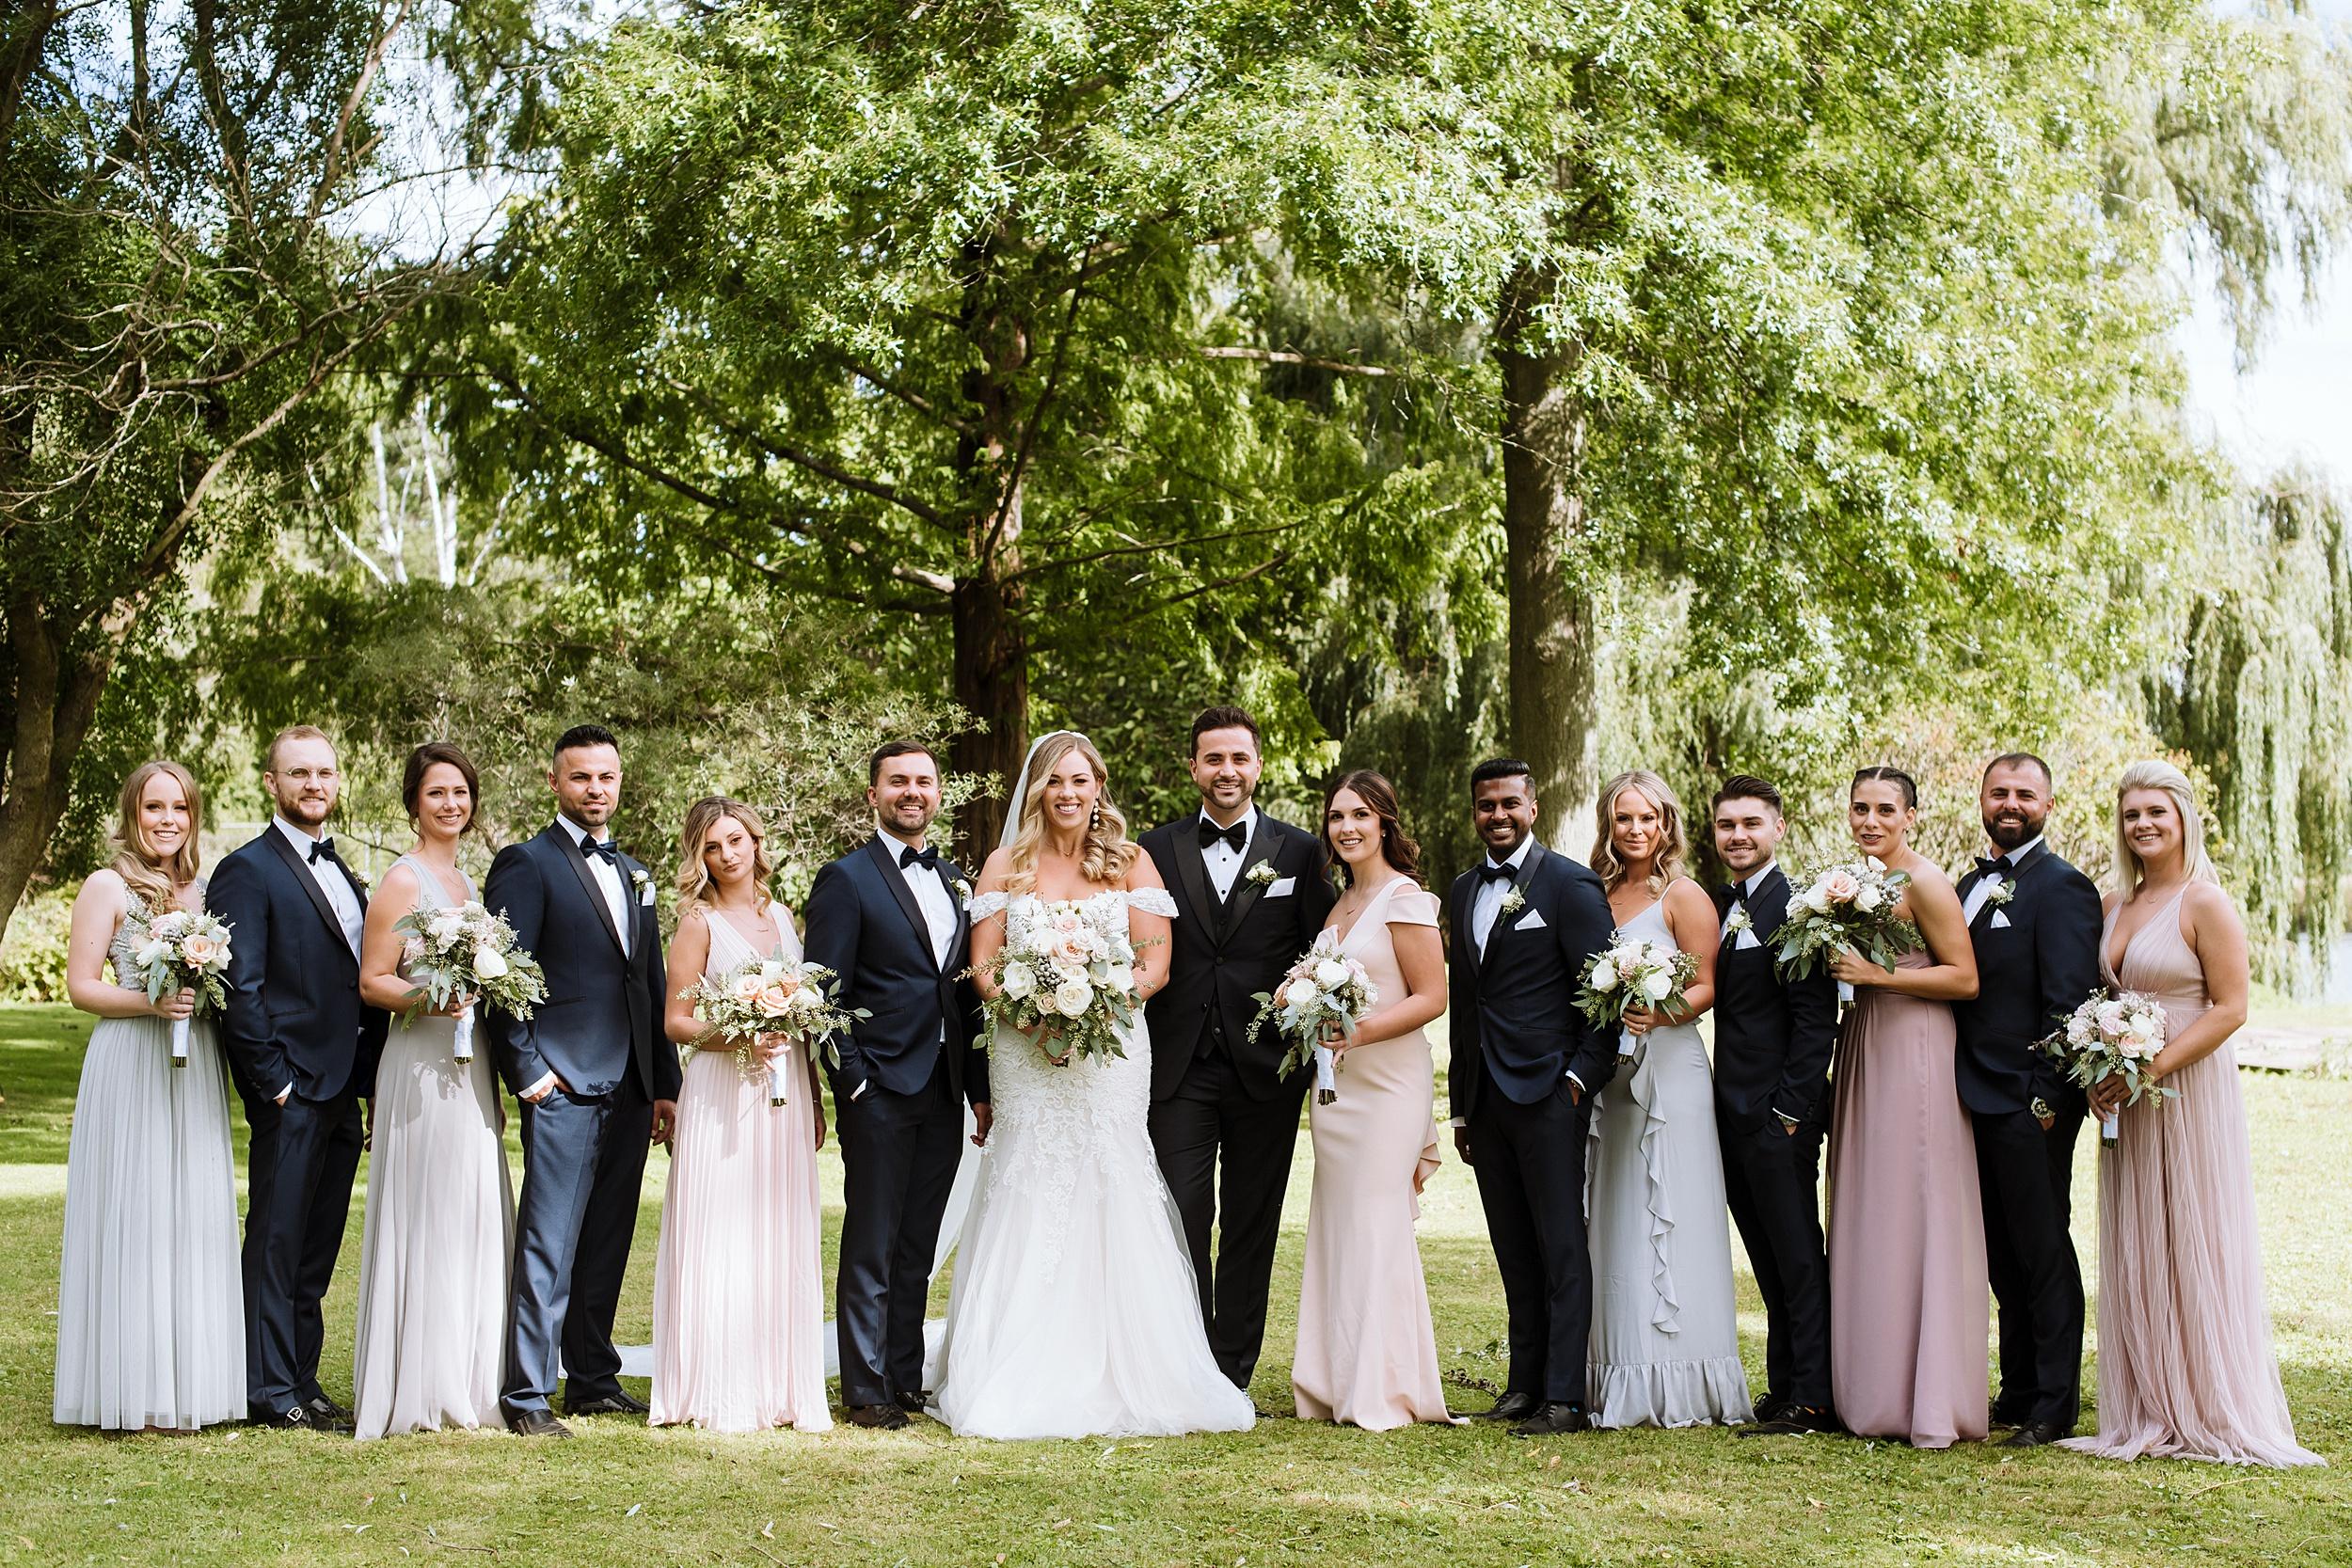 Rustic_Backyard_Wedding_Toronto_Photographer056.jpg